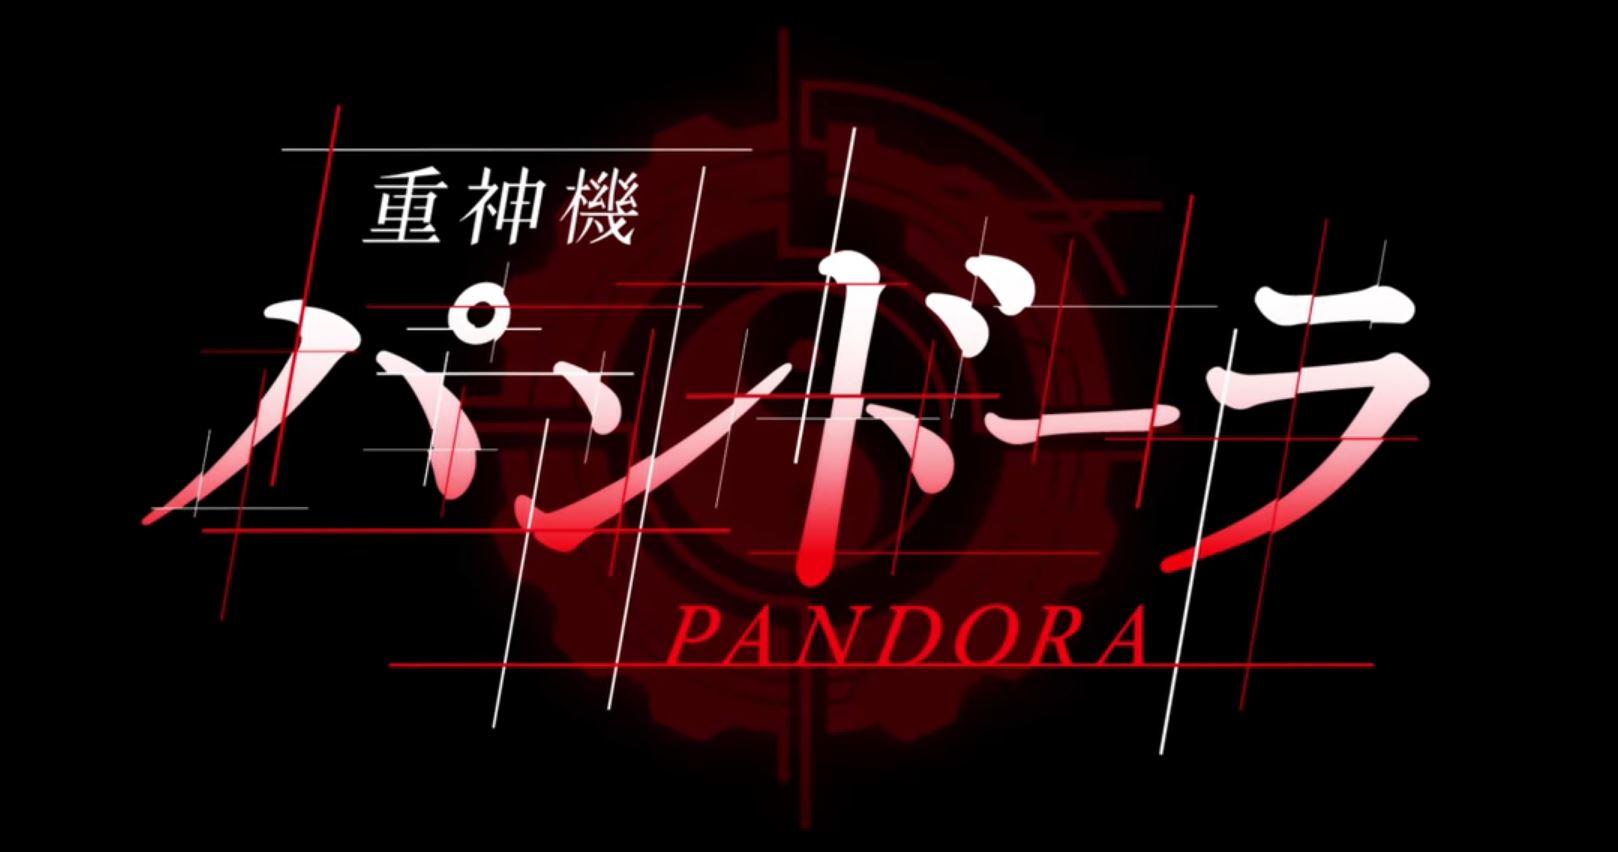 アニメ「重神機パンドーラ」のOPとEDが「BUMP OF CHICKEN」の新曲に決定